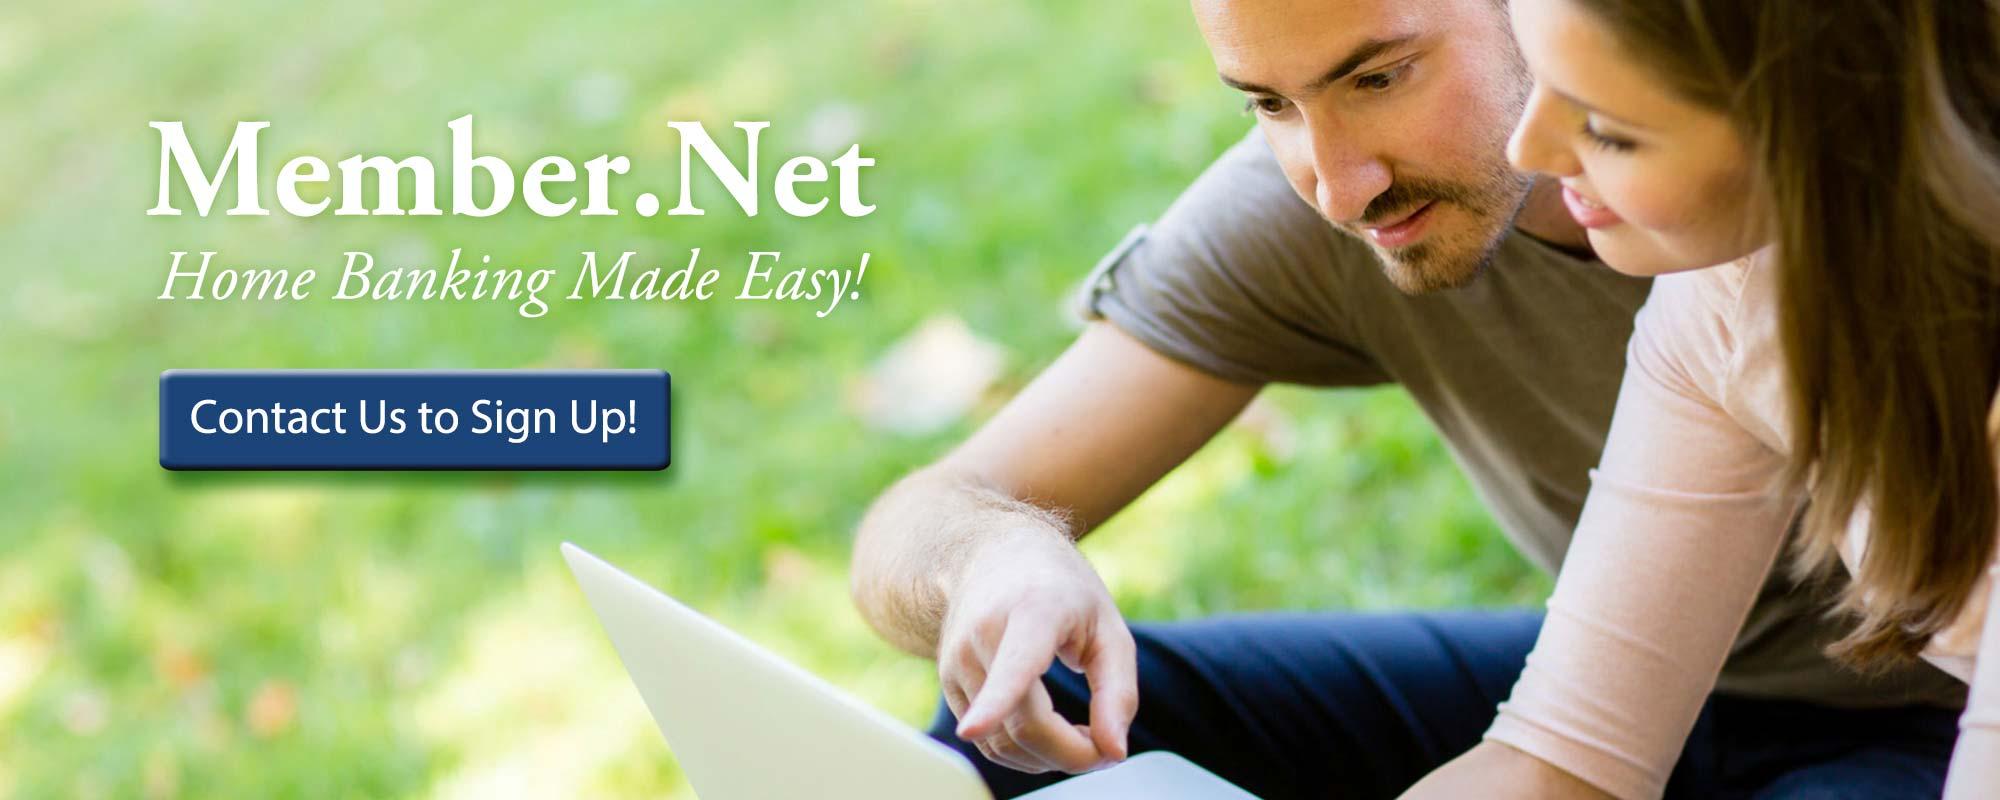 Member.Net - Home Banking made easy!